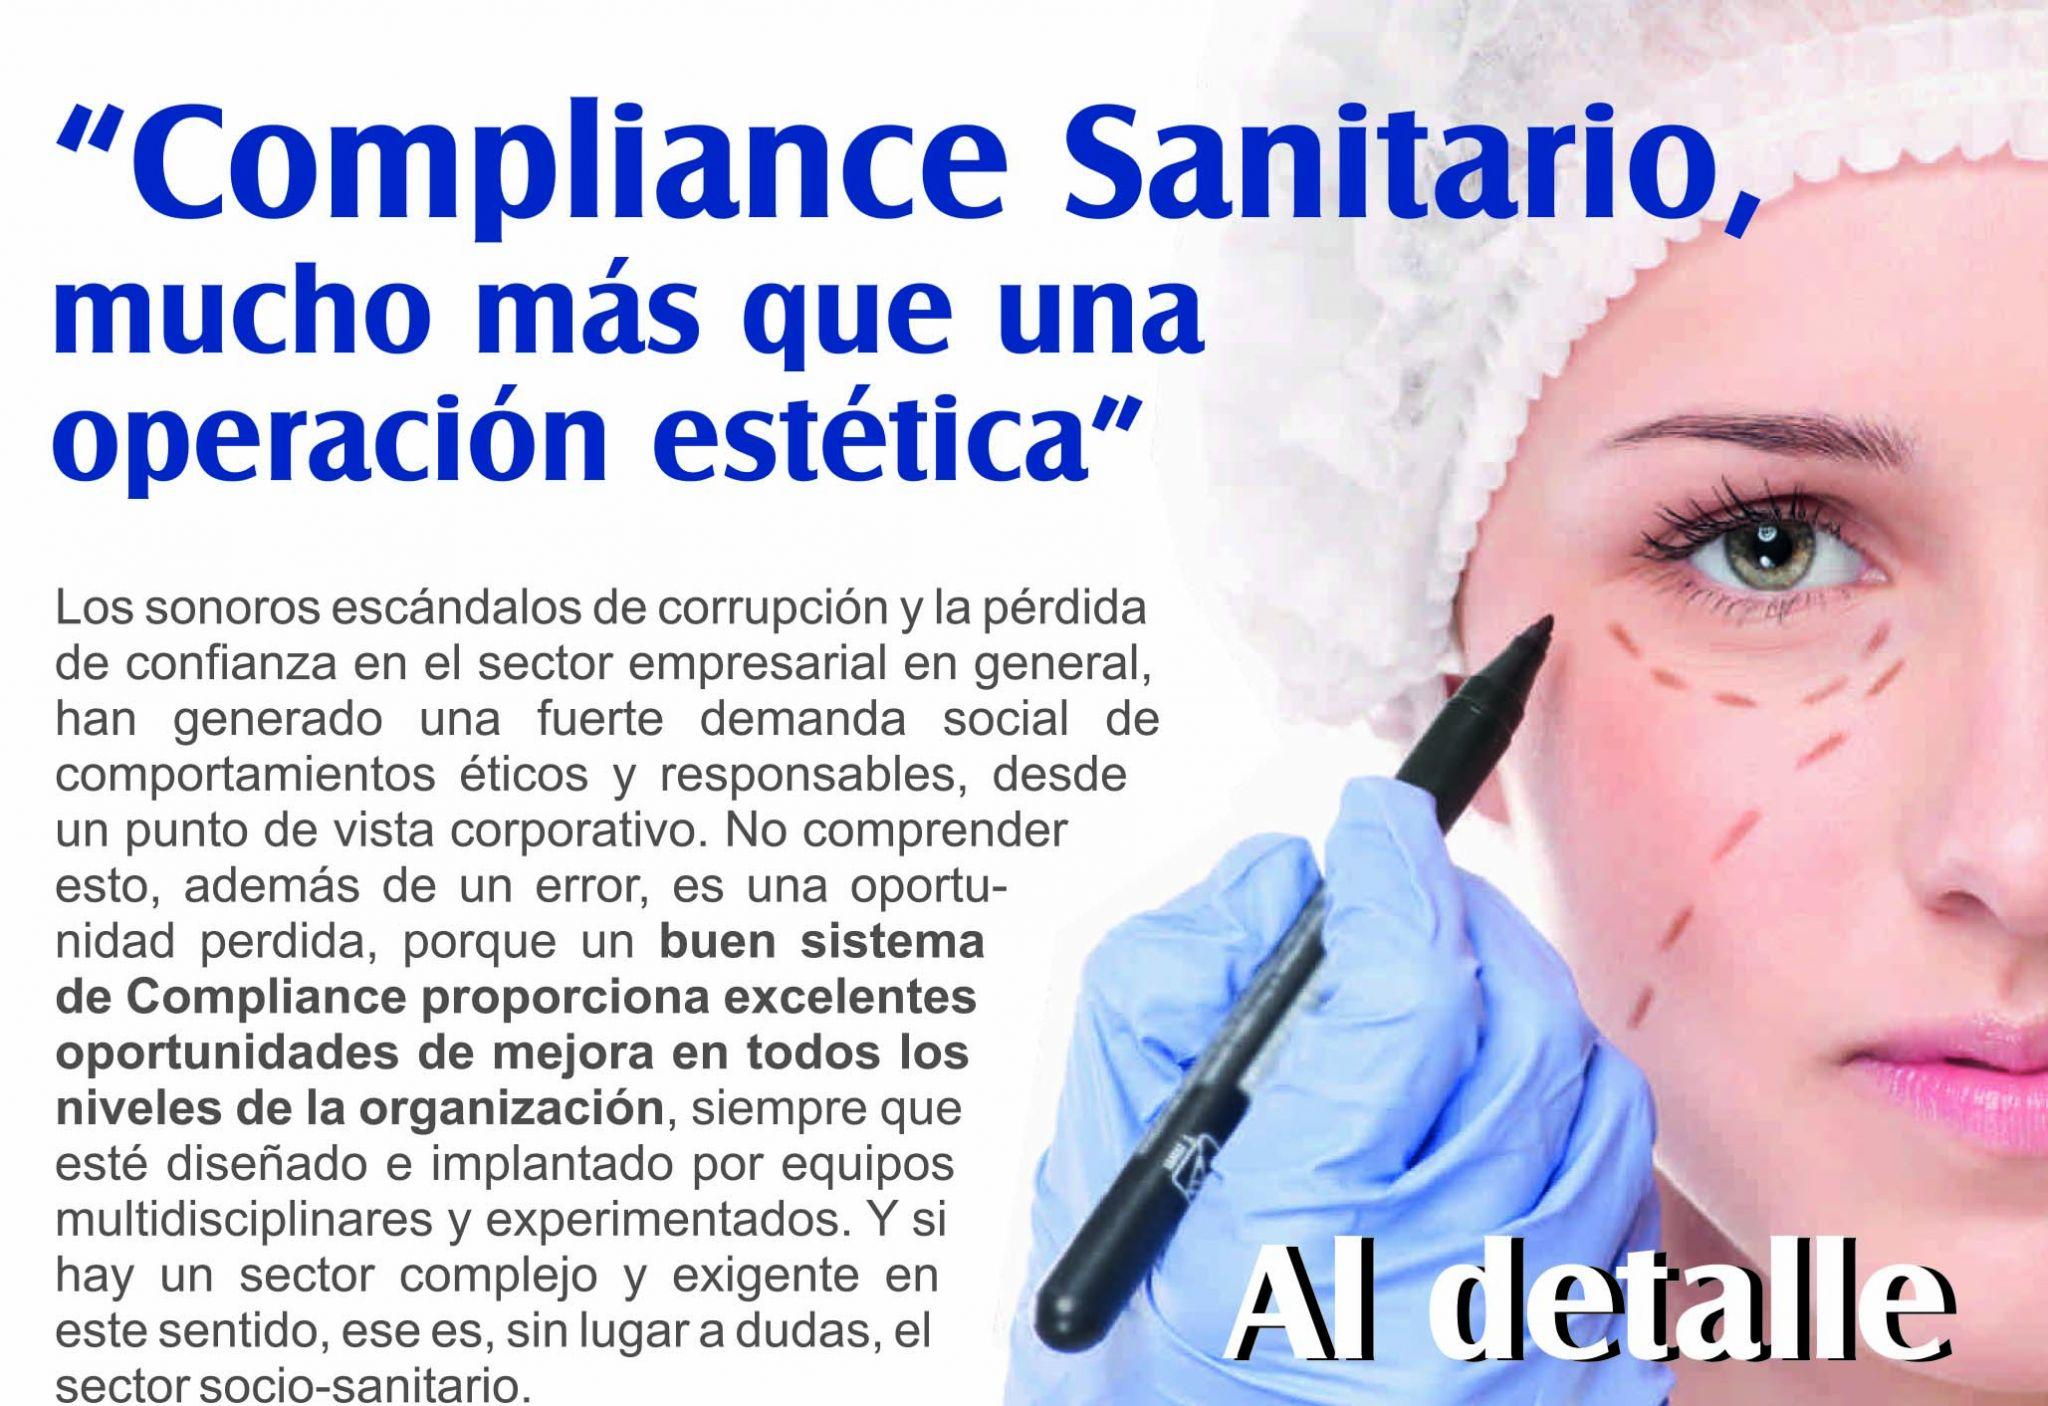 Portada-artículo-Compliance-Sanitario-1024x703@2x